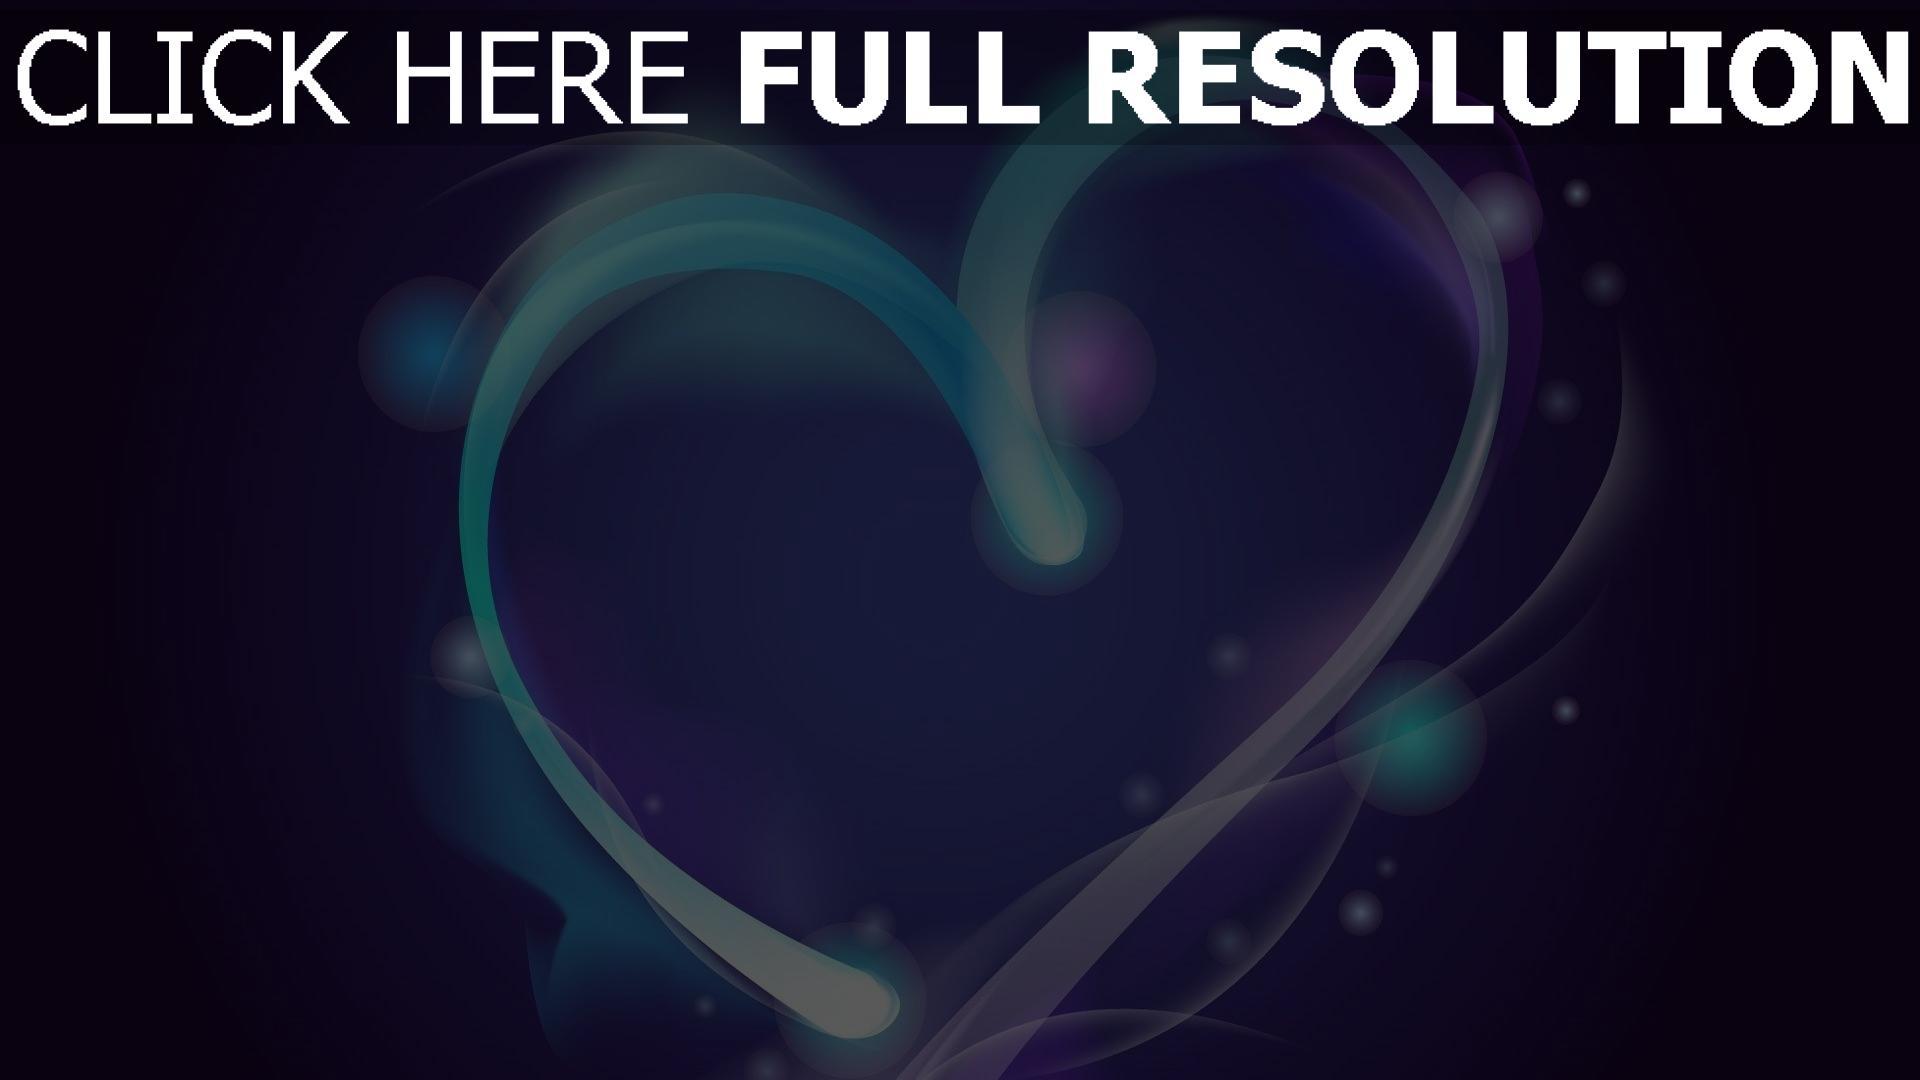 hd hintergrundbilder valentinstag herz forme symbol blau 1920x1080